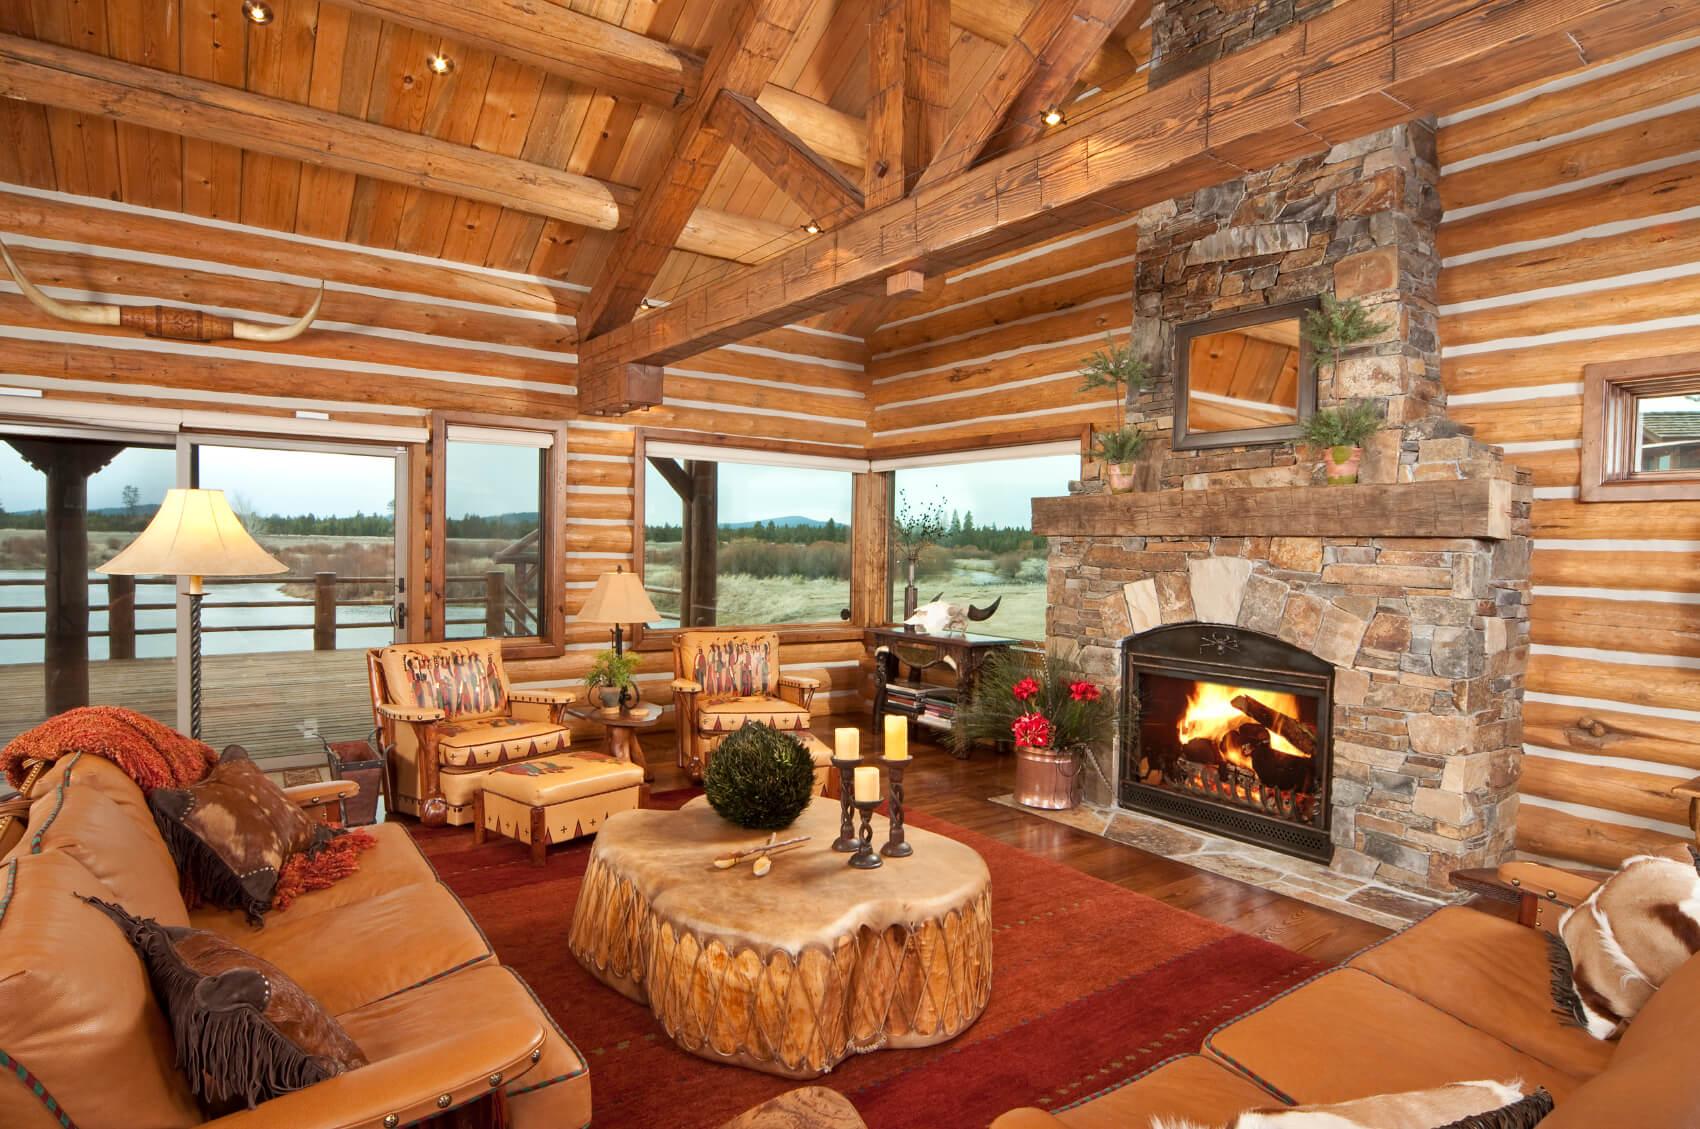 25 sublime rustic living room design ideas. Black Bedroom Furniture Sets. Home Design Ideas